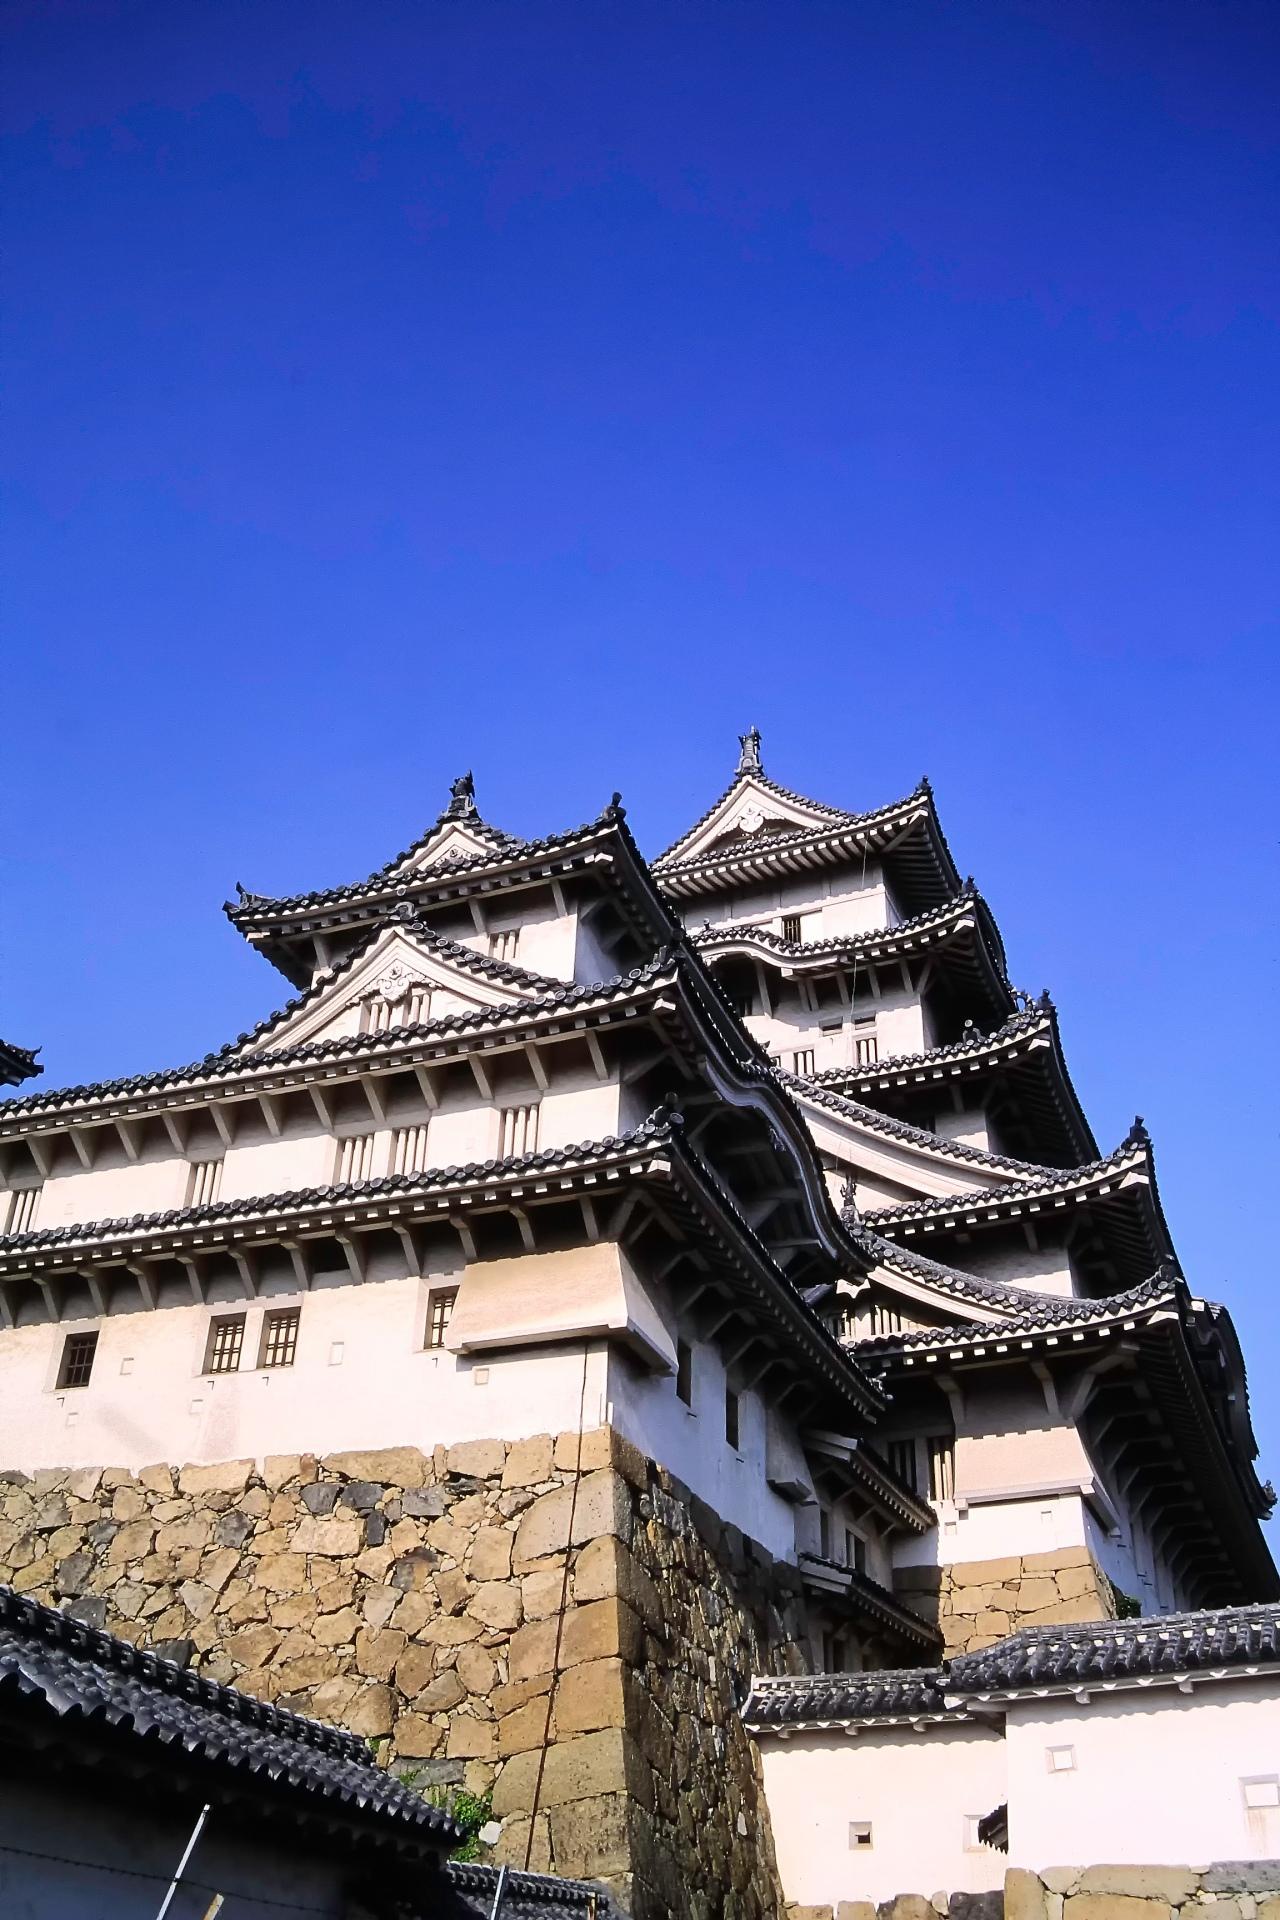 Castle Soaring